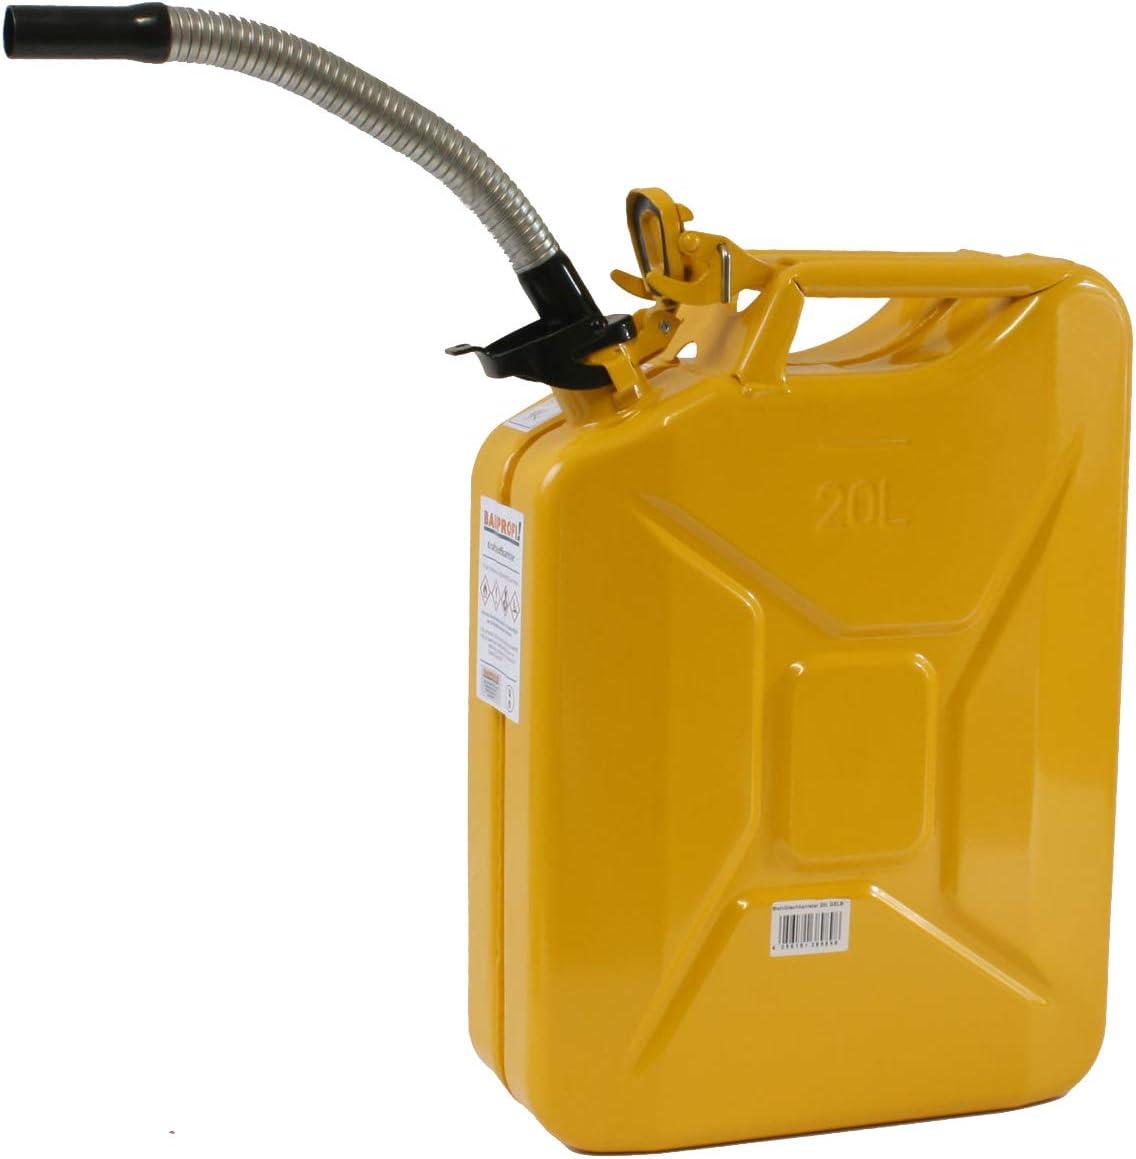 Stahlblechkanister Gelb 20 Liter Dieselauslaufrohr Flexibel Benzinkanister Set Auto